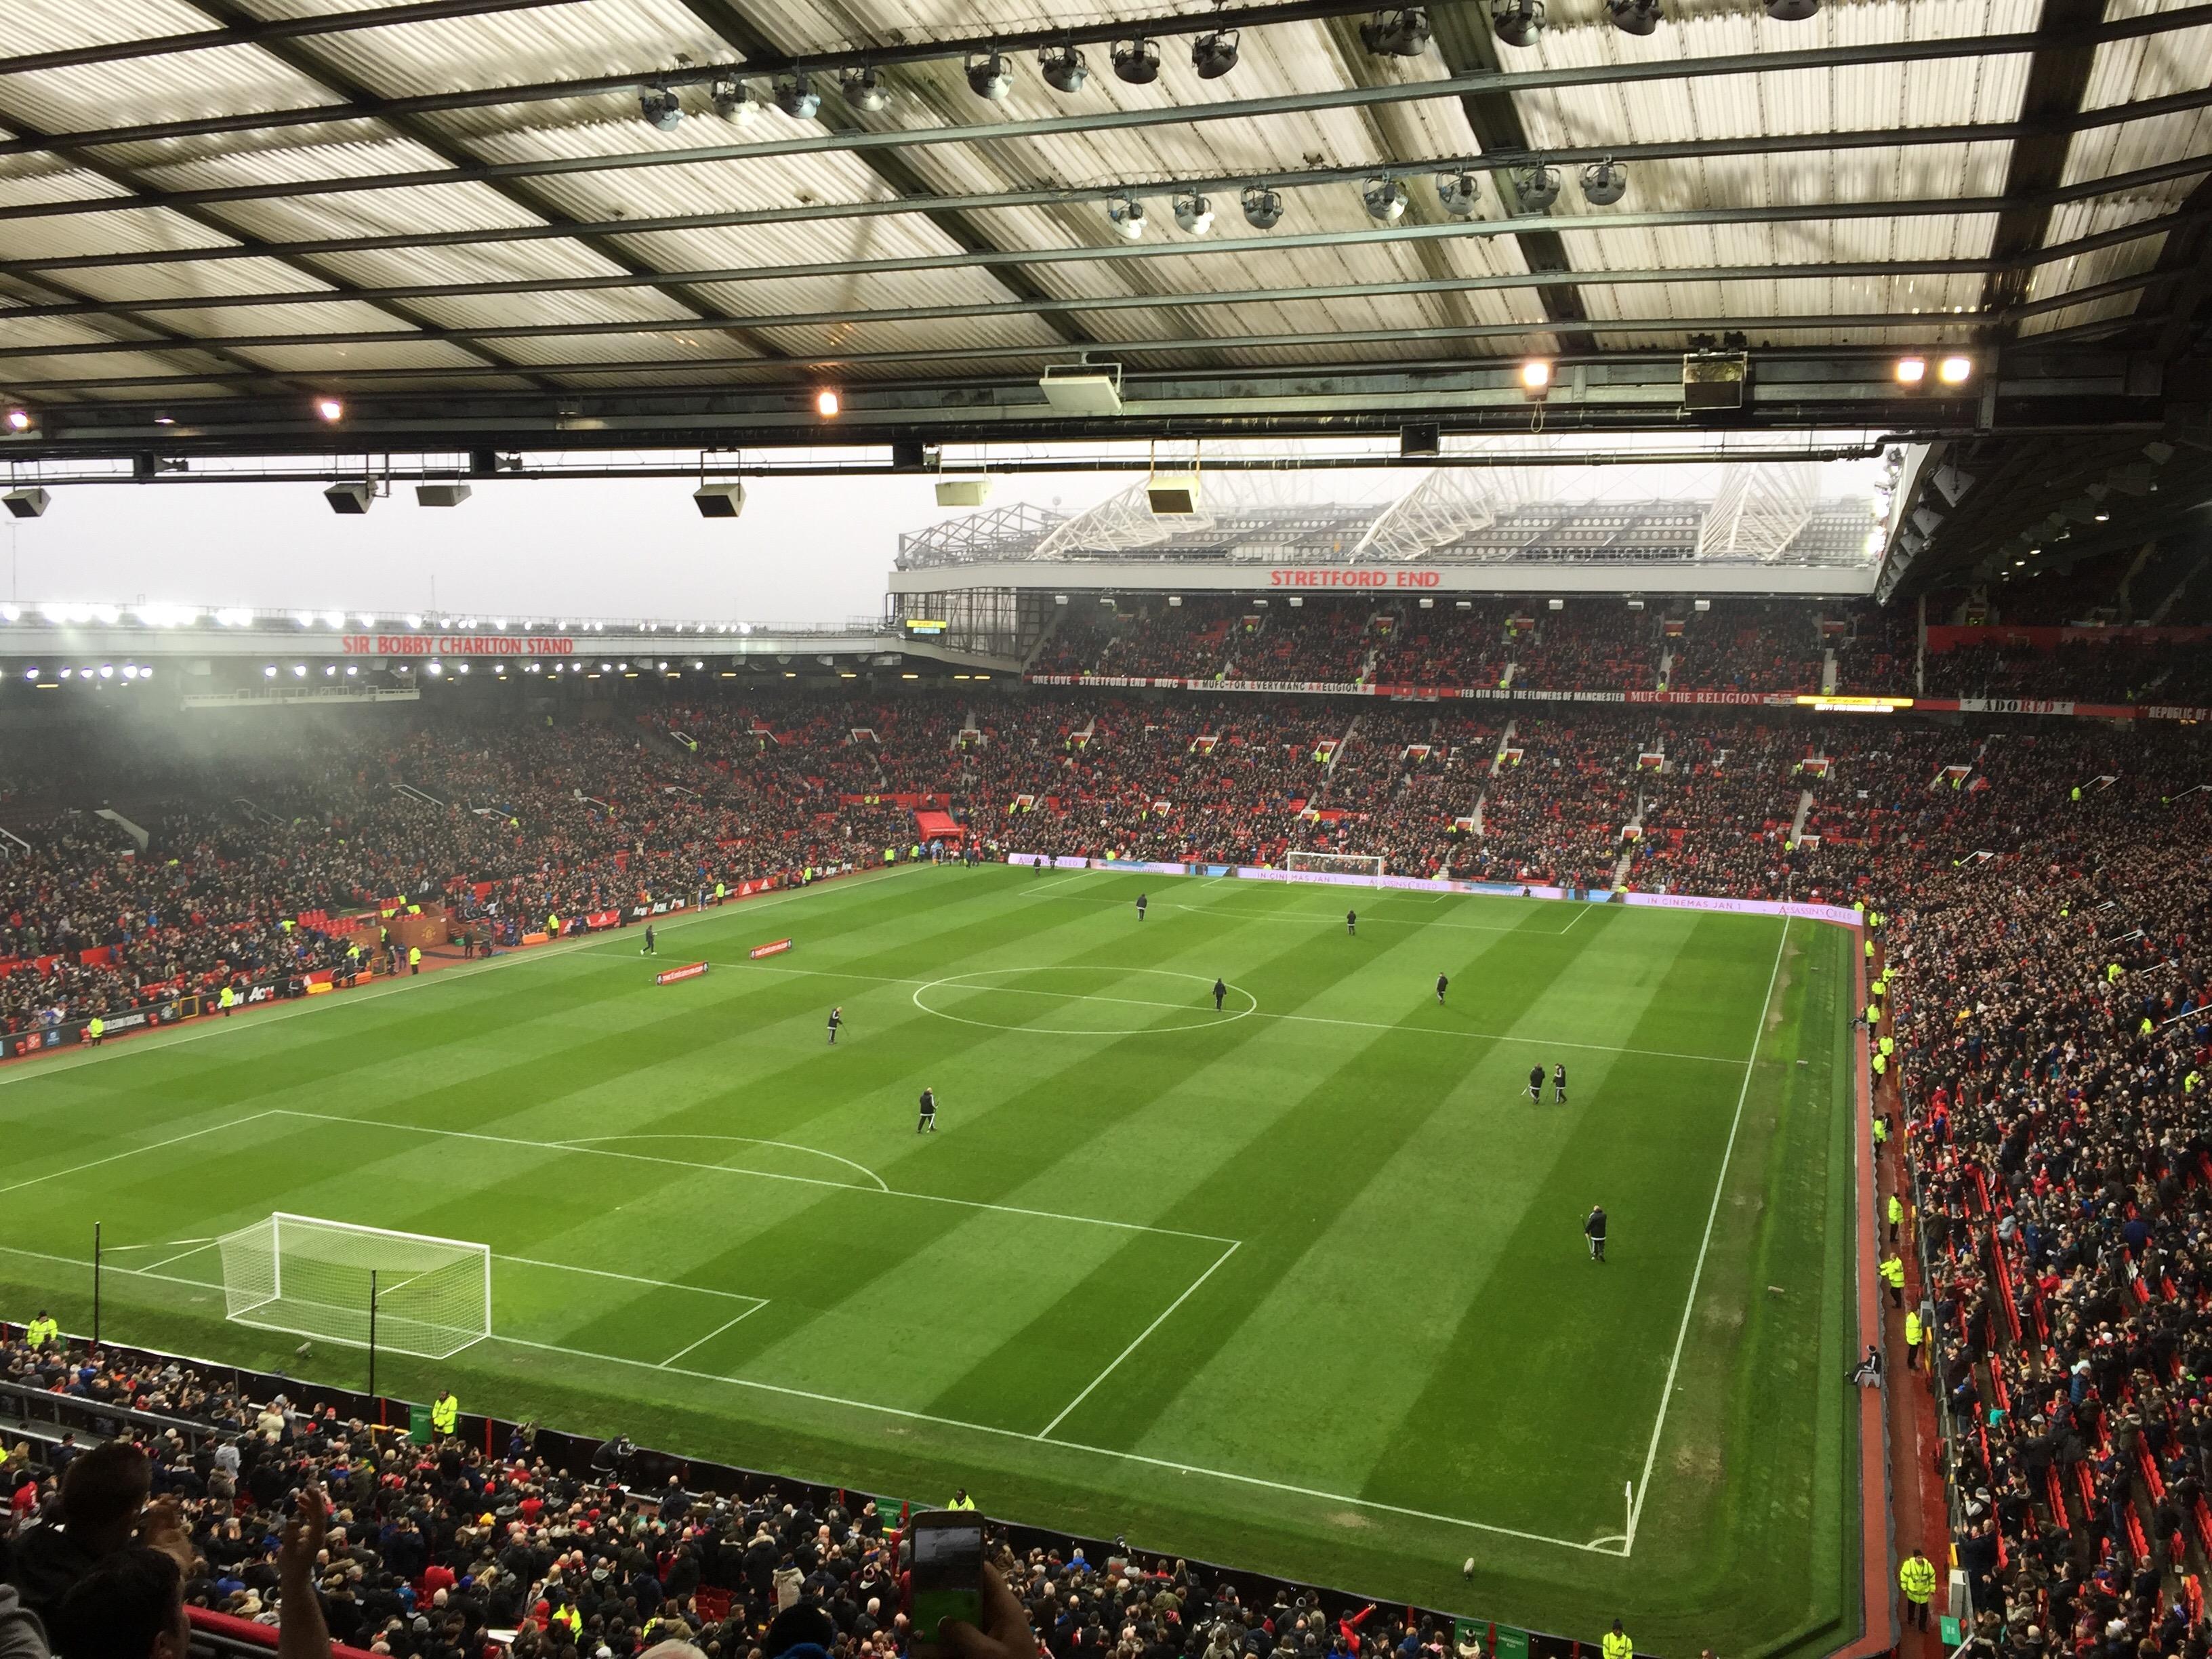 """<p id=""""__CTXSM___42__1483877122704"""">Old Trafford"""